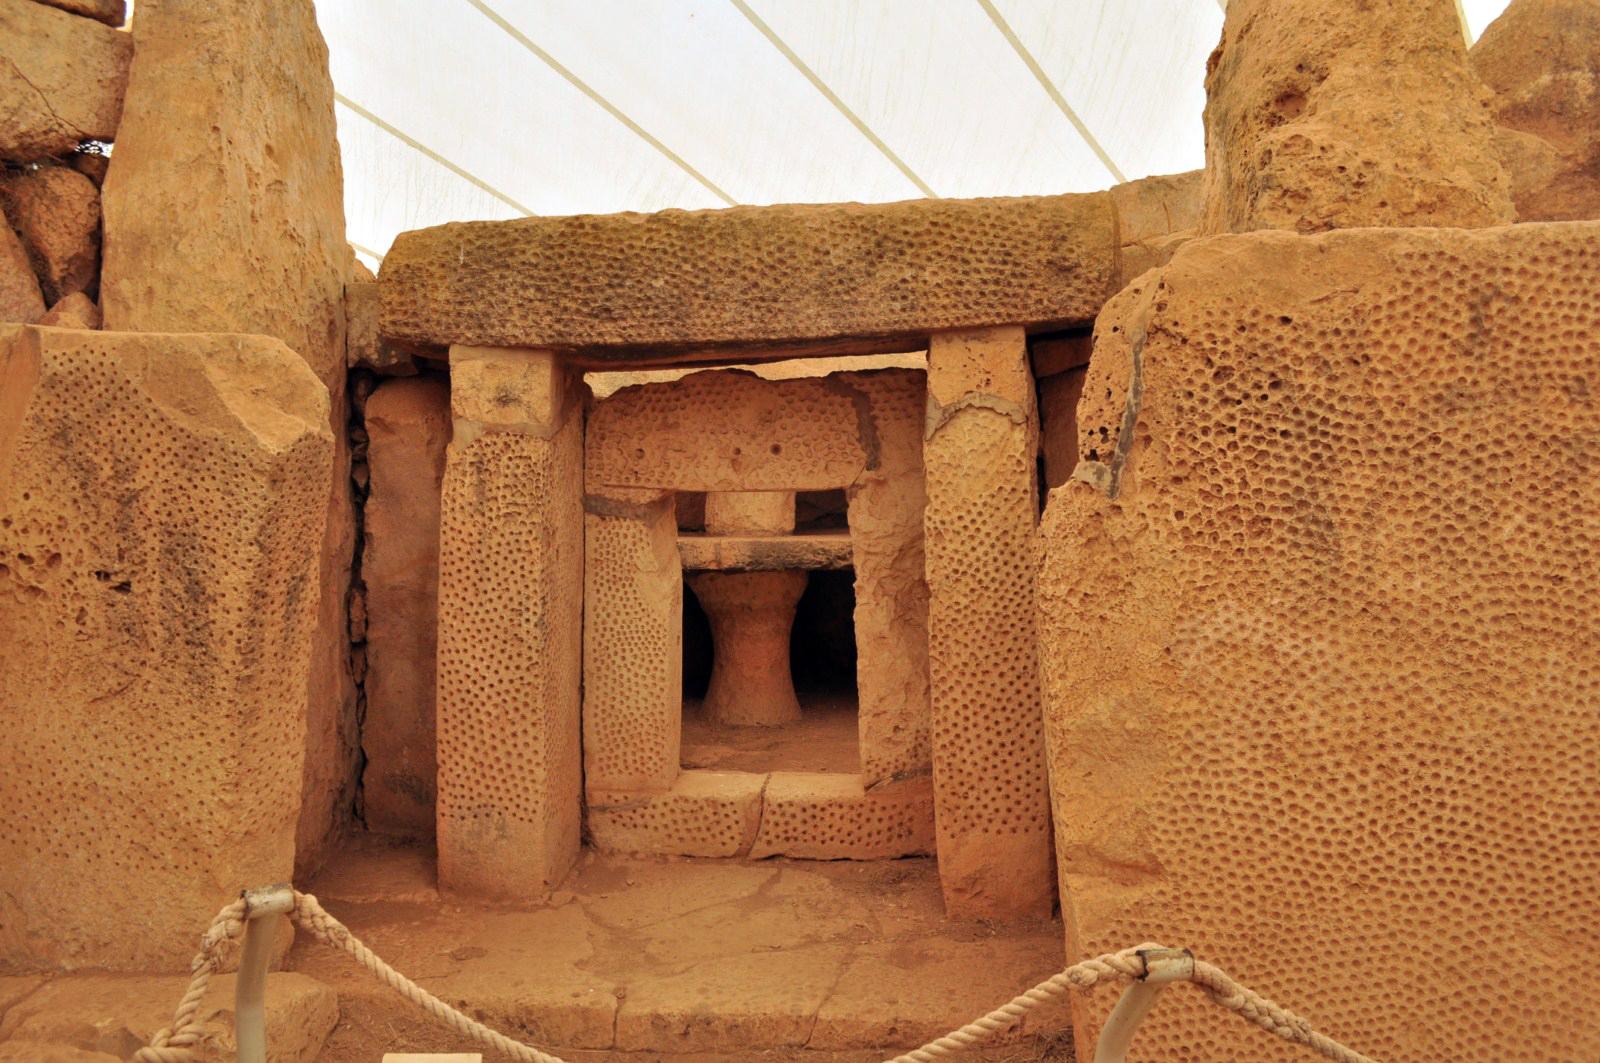 Templos de Hagar Qim y Mnajdra templos de hagar qim y mnajdra en malta - 9396327120 3d163a809c o - Templos de Hagar Qim y Mnajdra en Malta